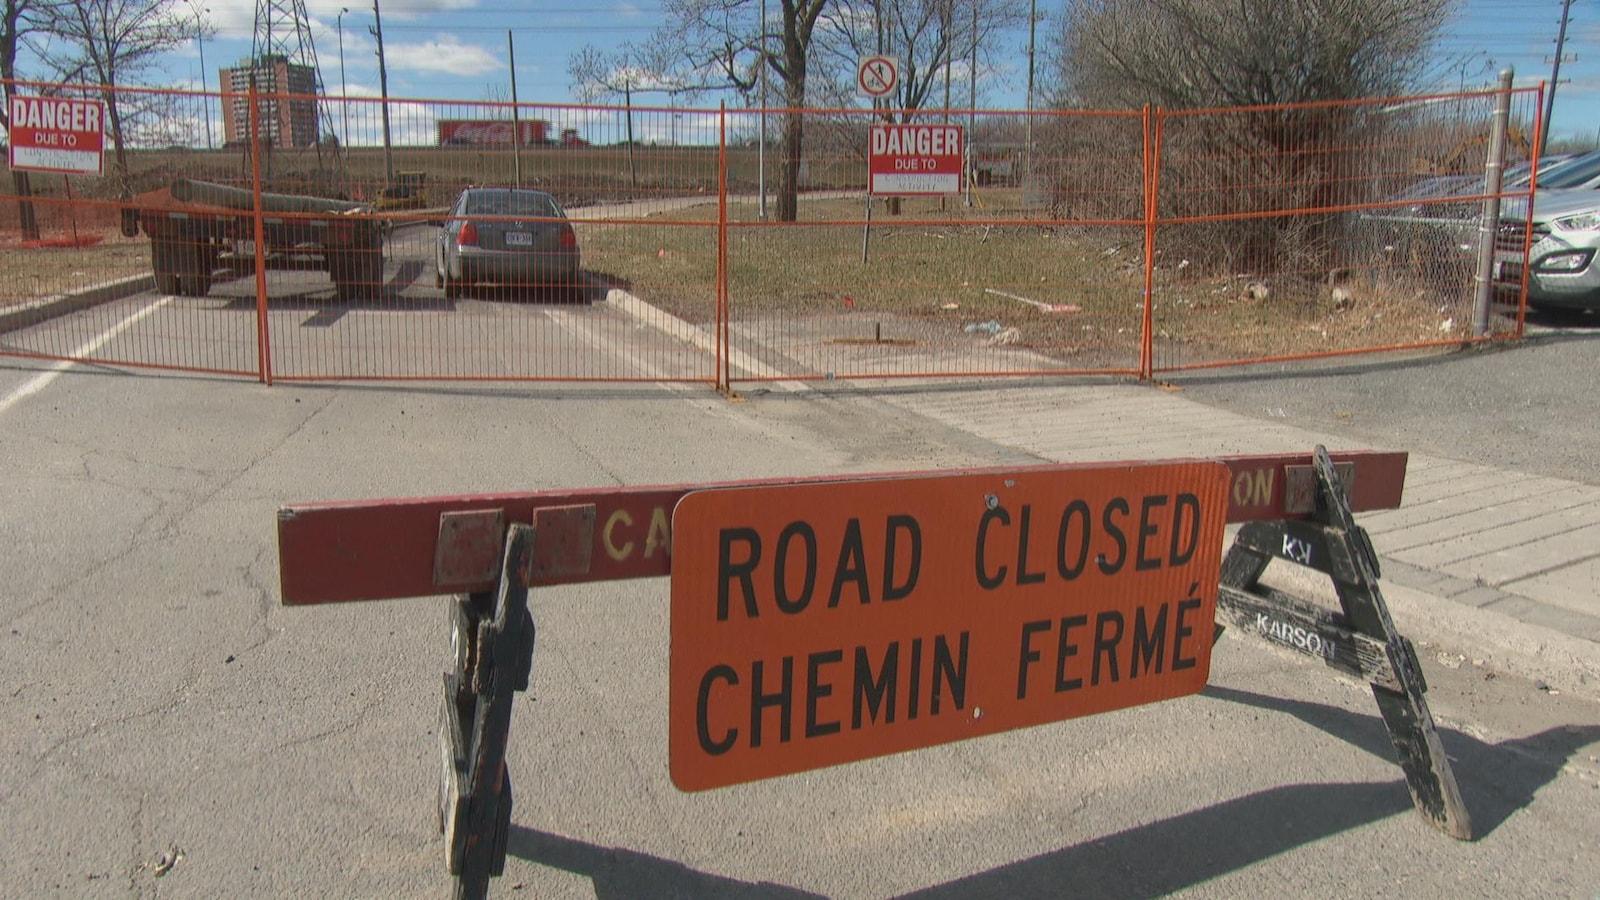 Une affiche indique qu'un chemin est fermé.